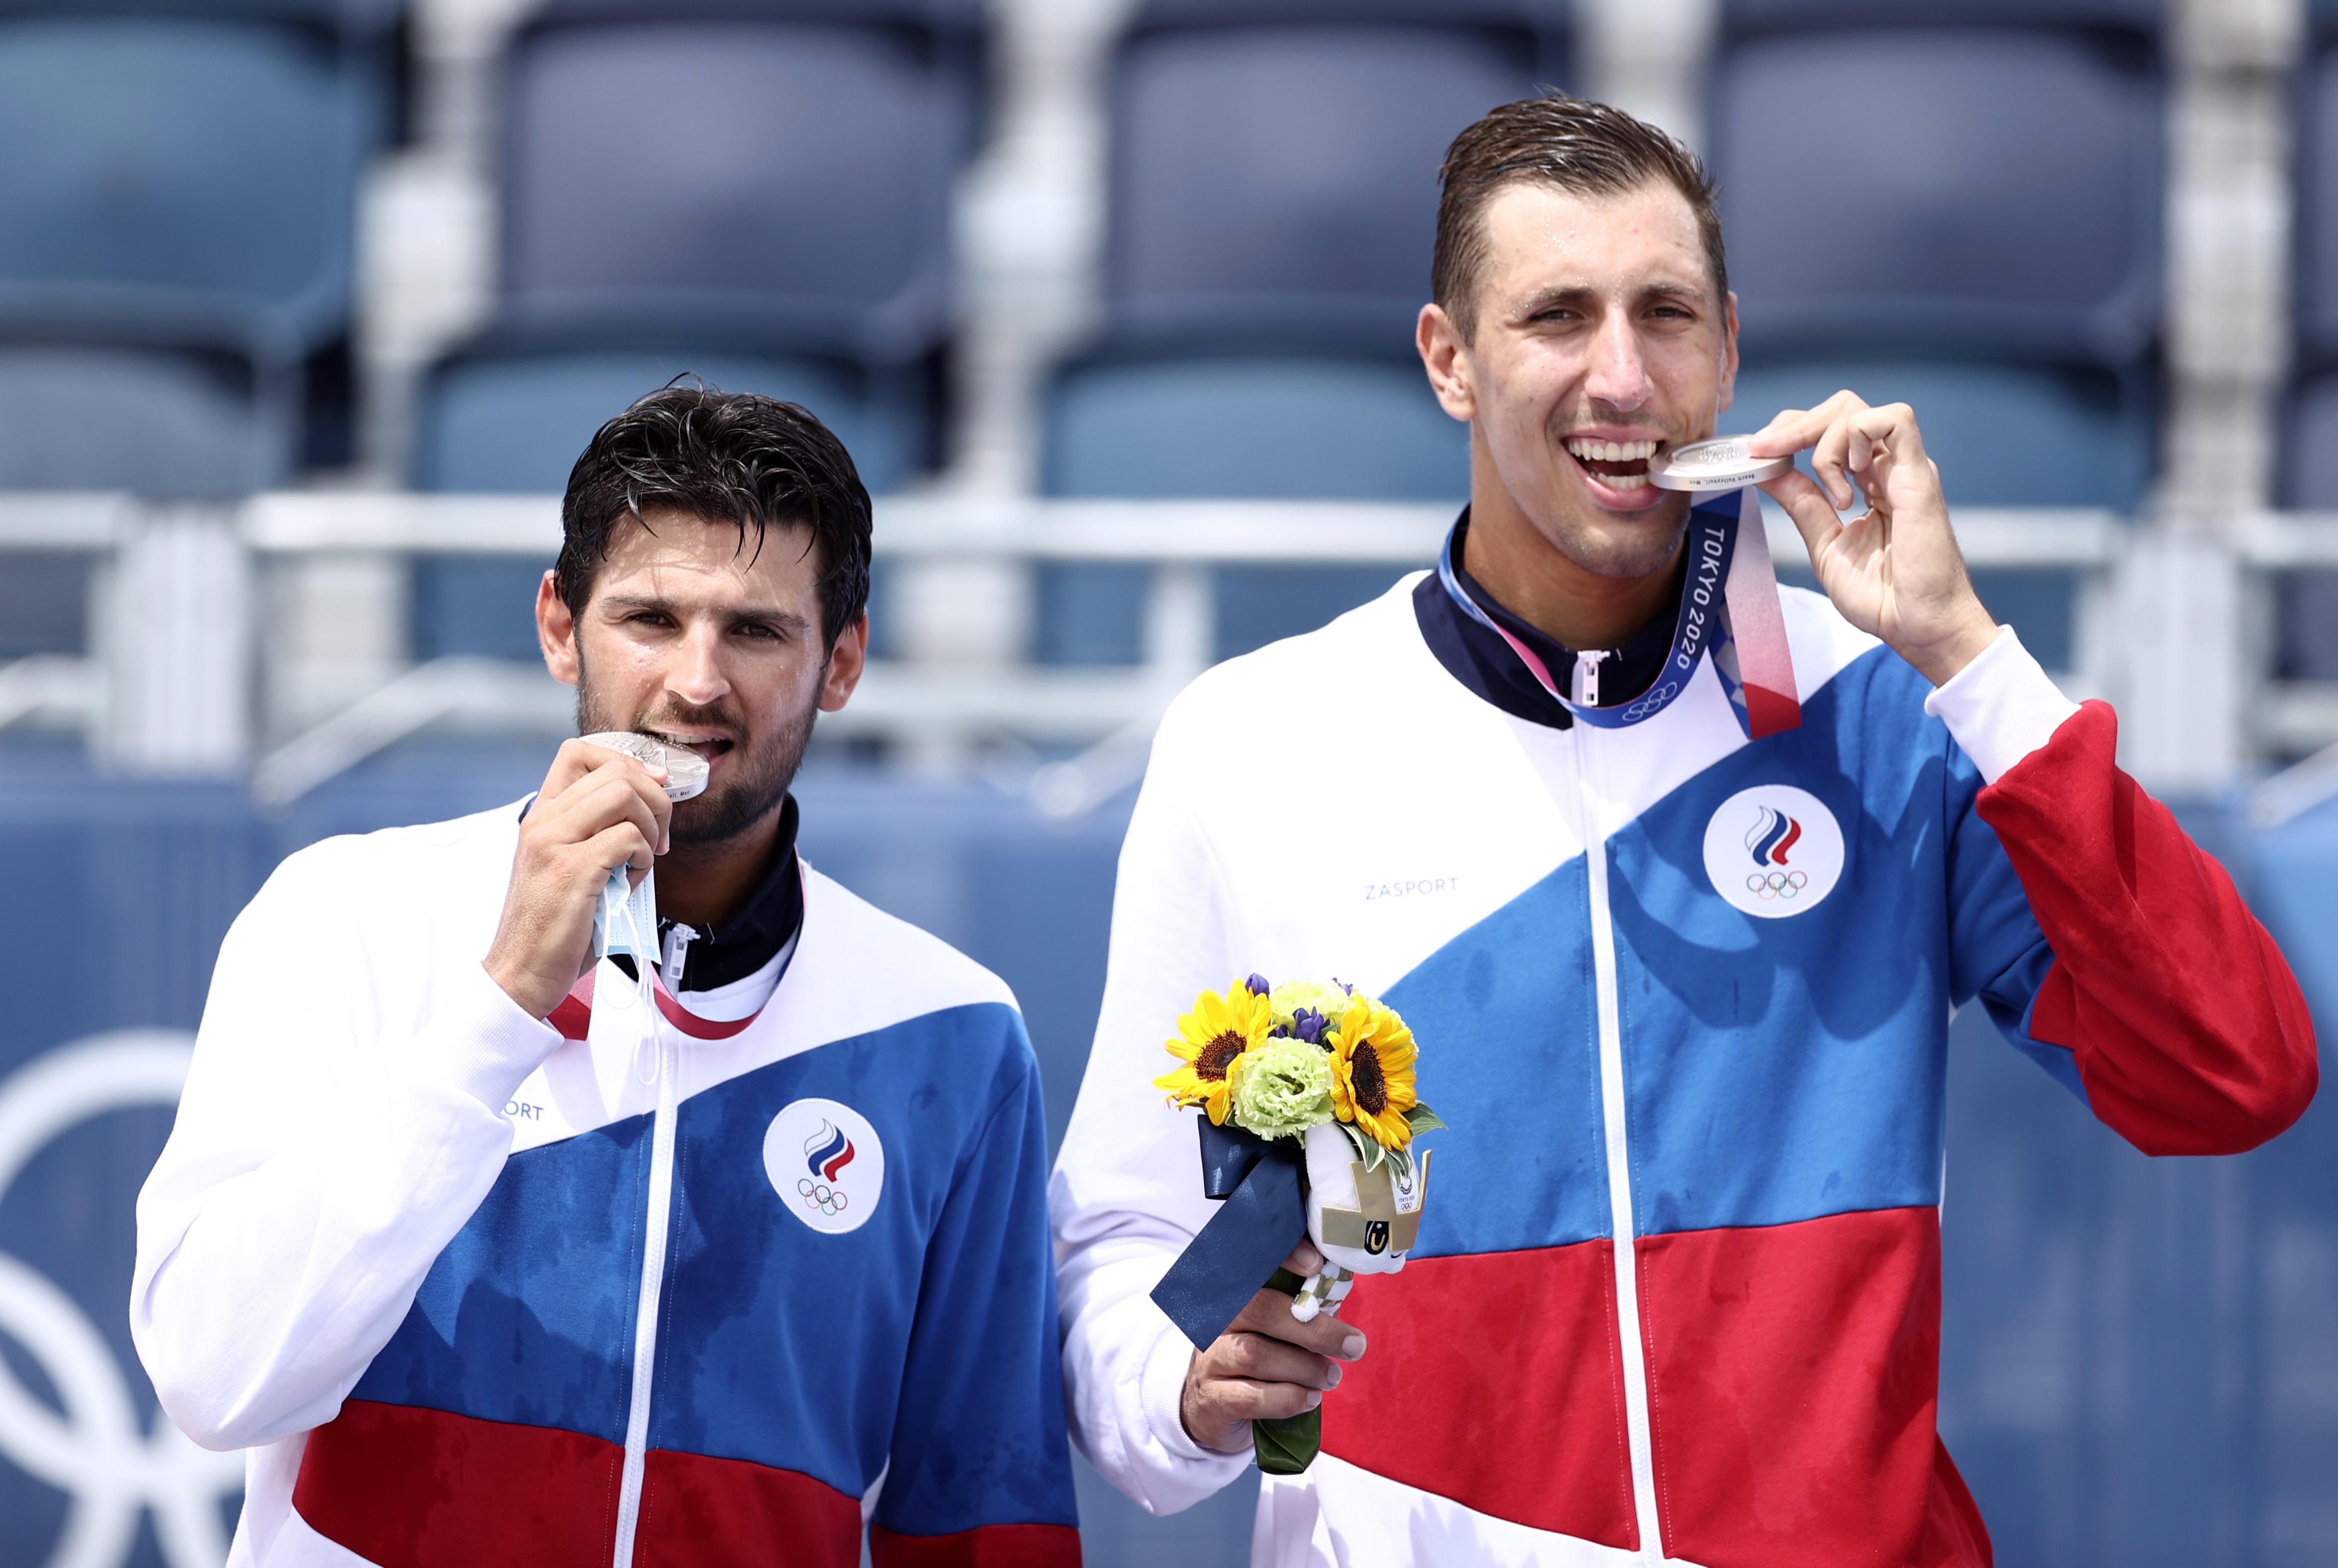 Фото: Вячеслав Красильников и Олег Стояновский (Валерий Шарифулин/ТАСС)